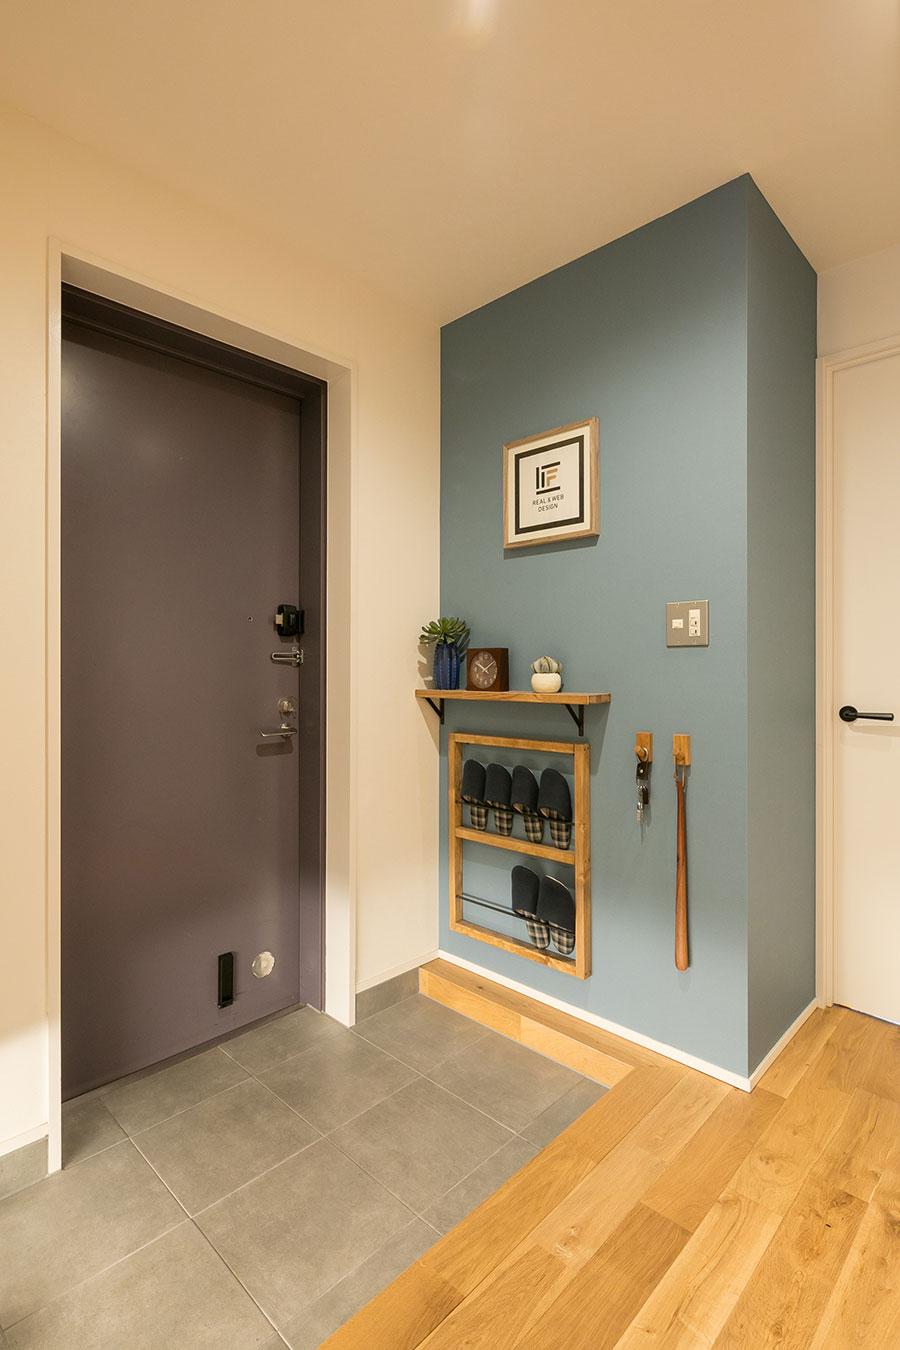 玄関の壁もくすんだブルーの壁紙を張った。棚やスリッパラックはマサヤさんがDIYで設置した。